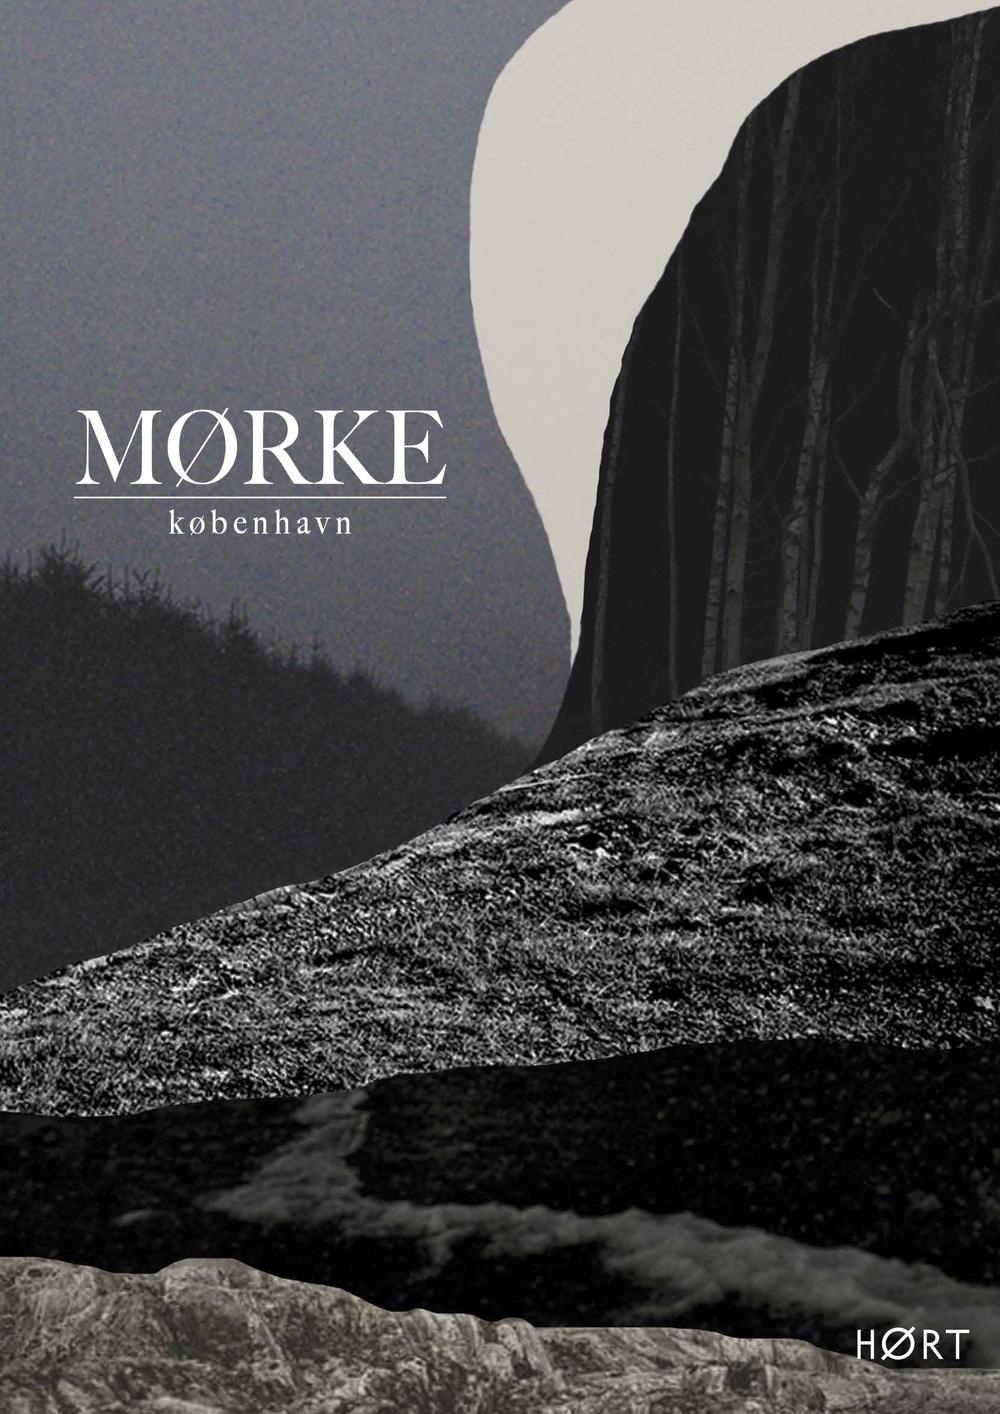 2015.10.01_Poster MØRKE test(1).jpg